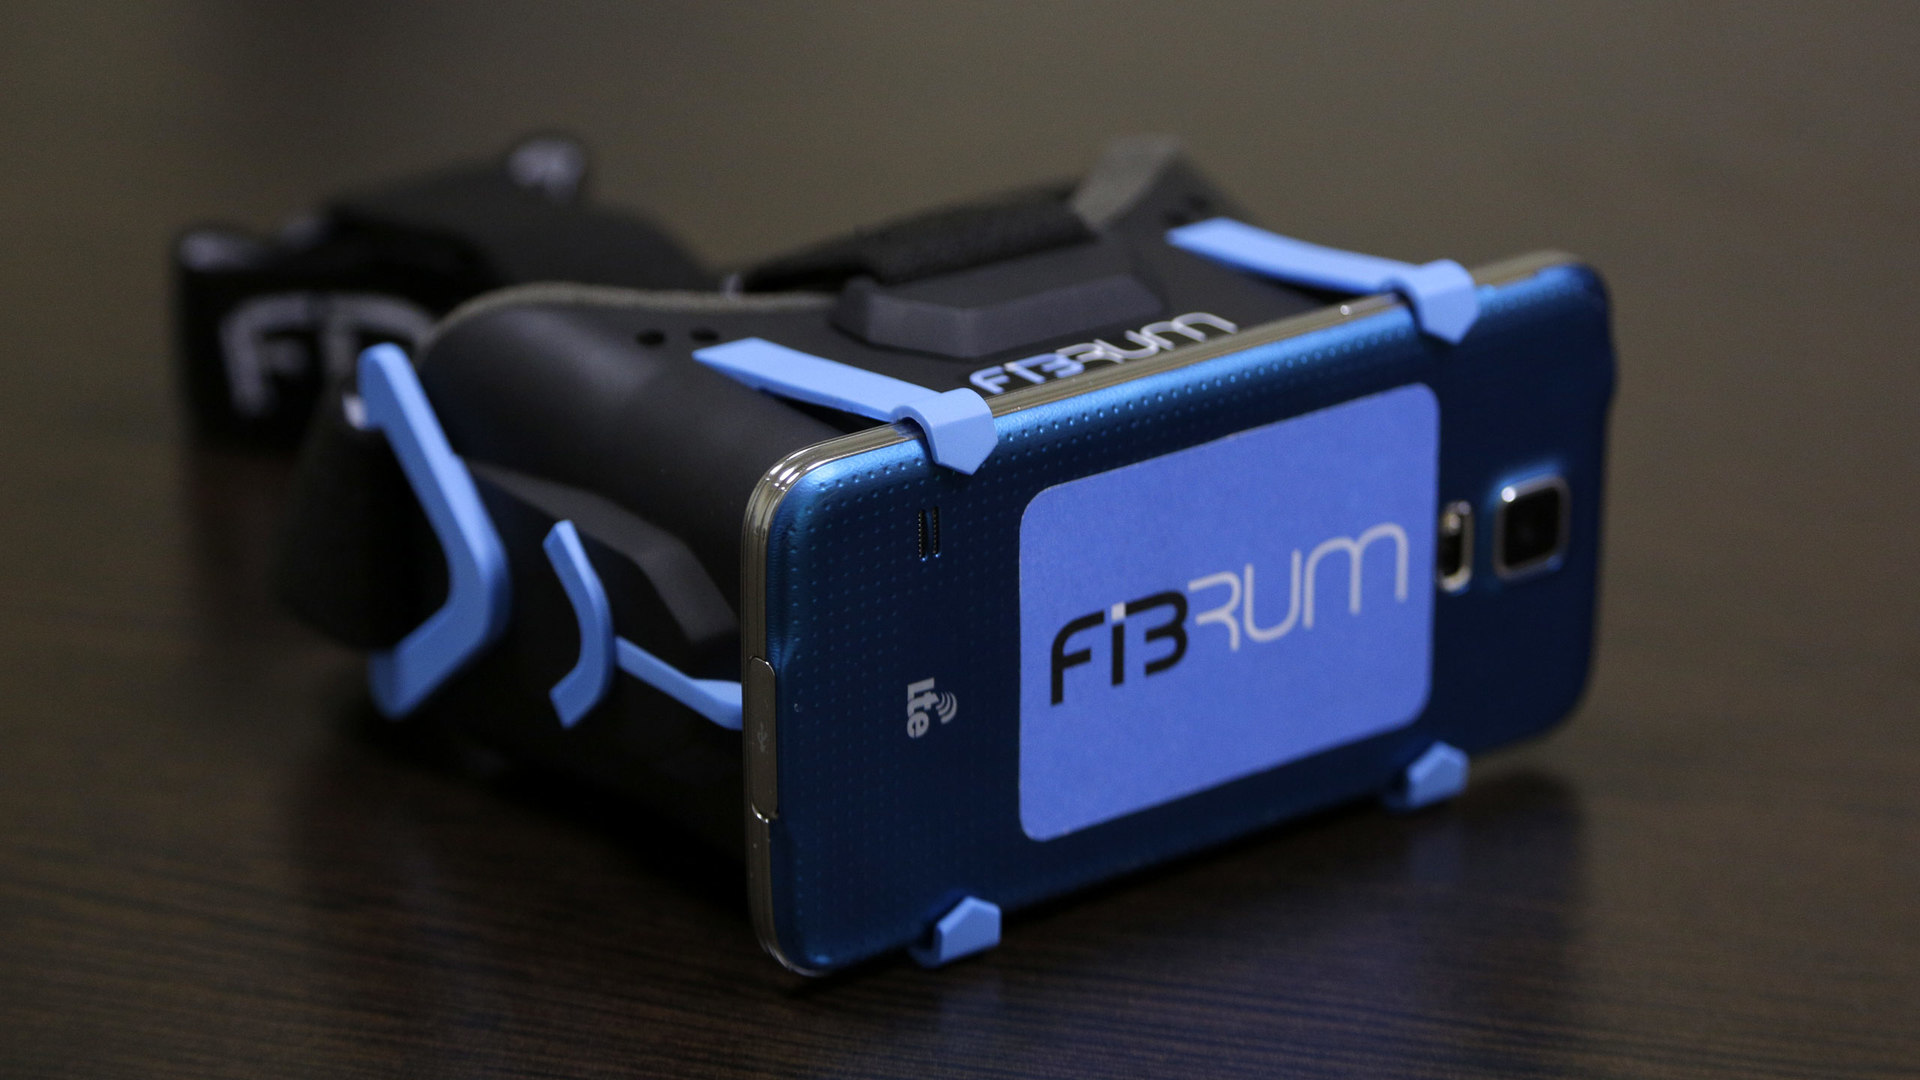 Шлем виртуальной реальности Fibrum-5